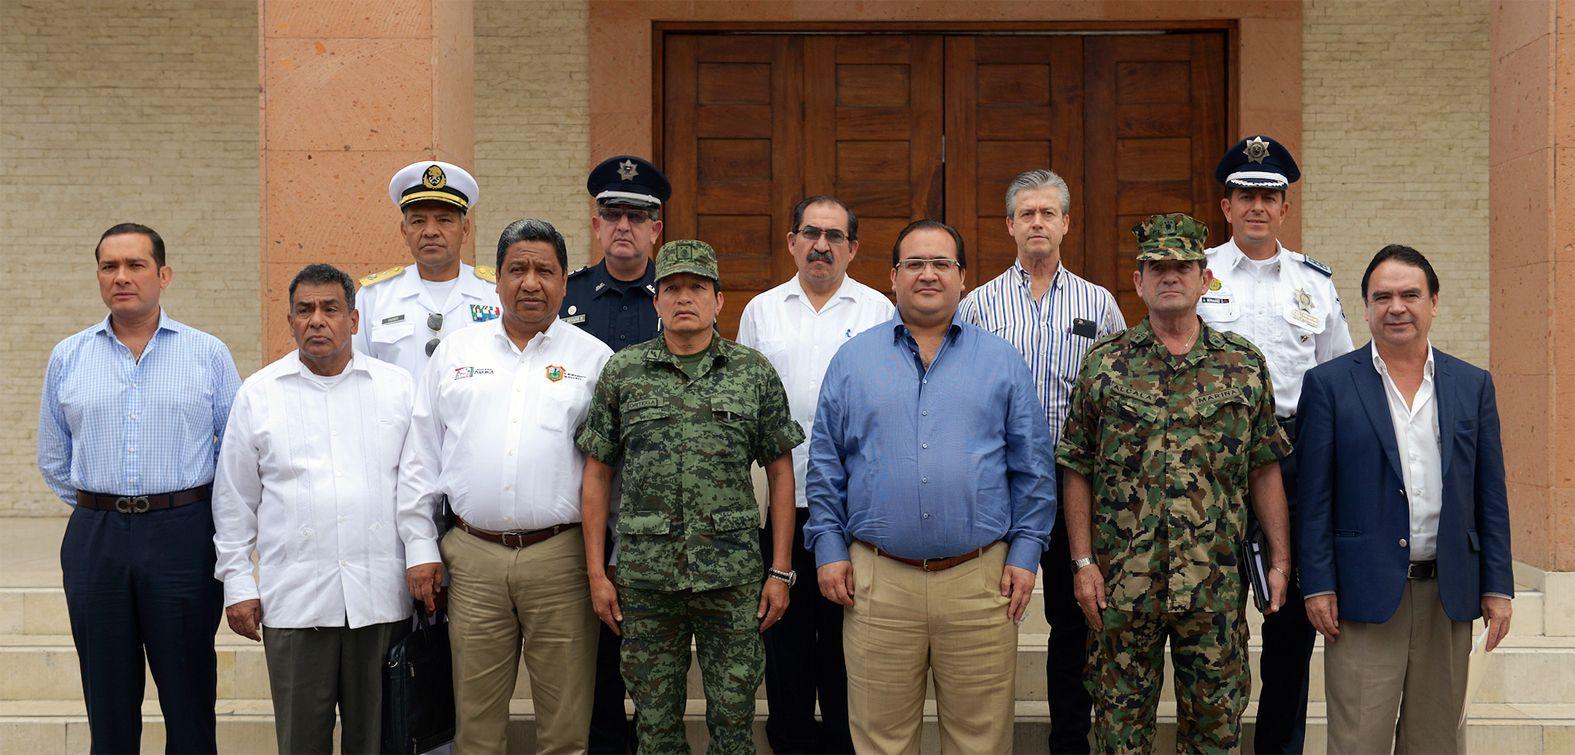 El gobernador Javier Duarte de Ochoa encabezó la Reunión Ordinaria del Grupo Coordinación Veracruz, en la ciudad de Poza Rica, donde se analizaron los resultados de las acciones que en materia de seguridad se llevan a cabo en la zona norte, así como su plan estratégico y programas de atención a la población.